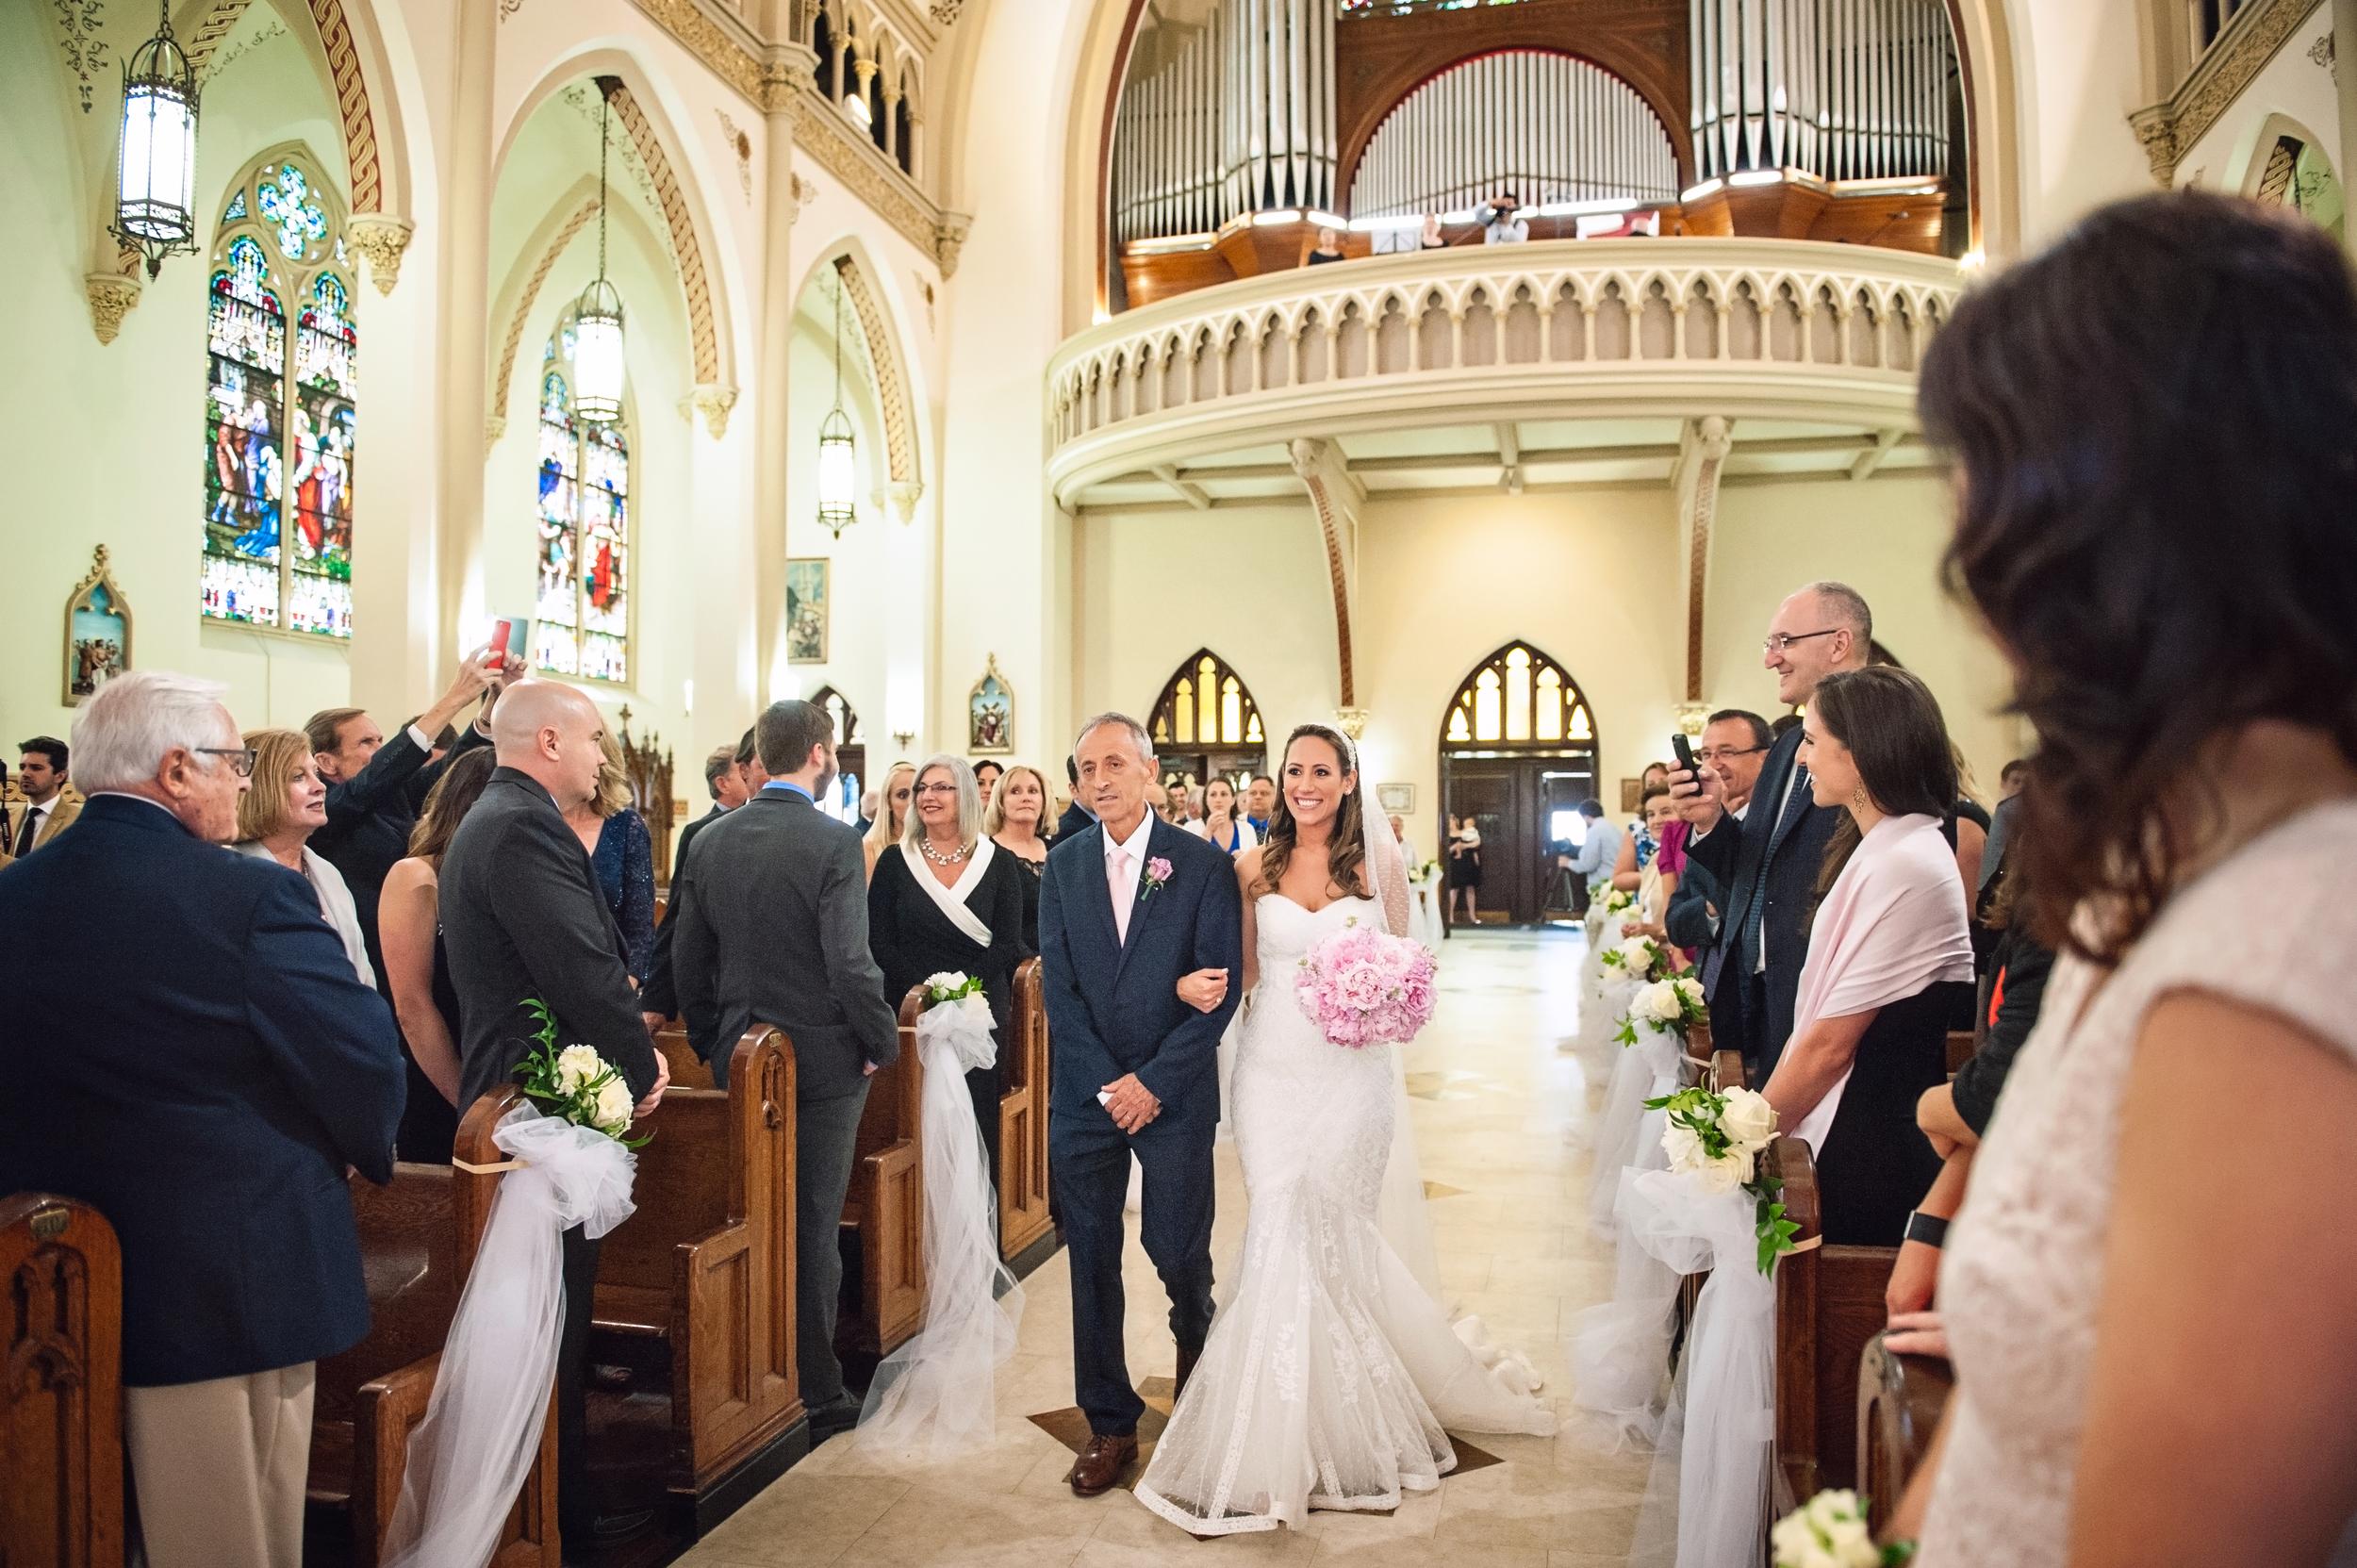 Prazmark_Wedding-25.jpg